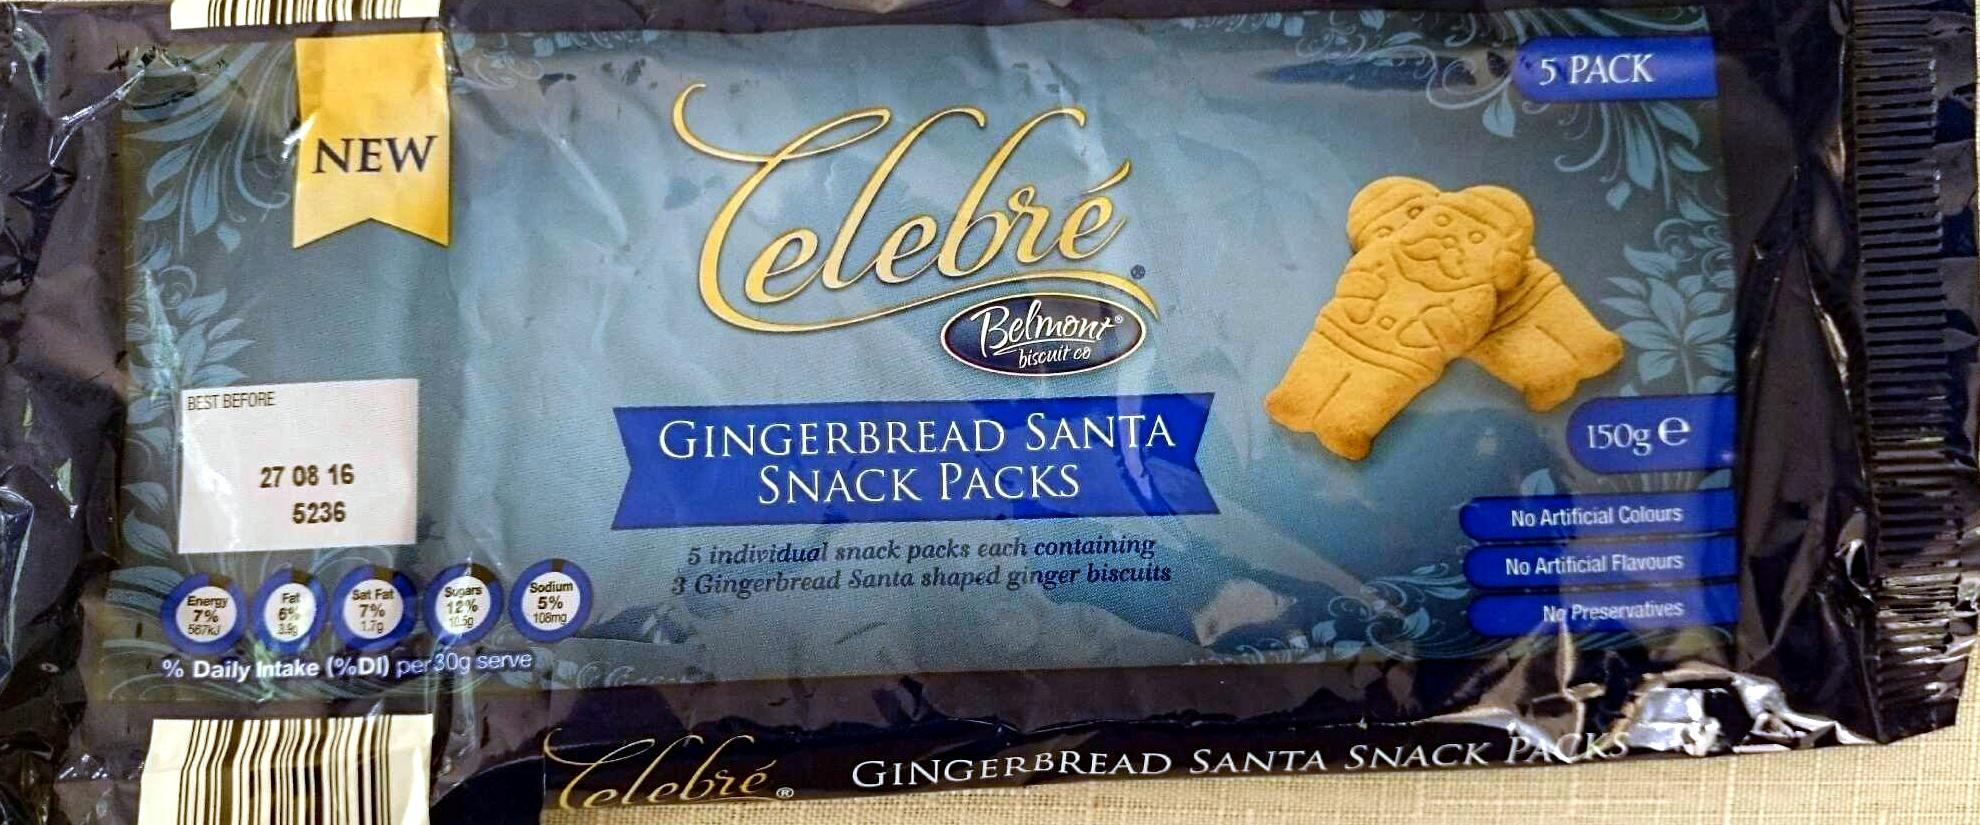 Gingerbread Santa Snack Packs - Product - en